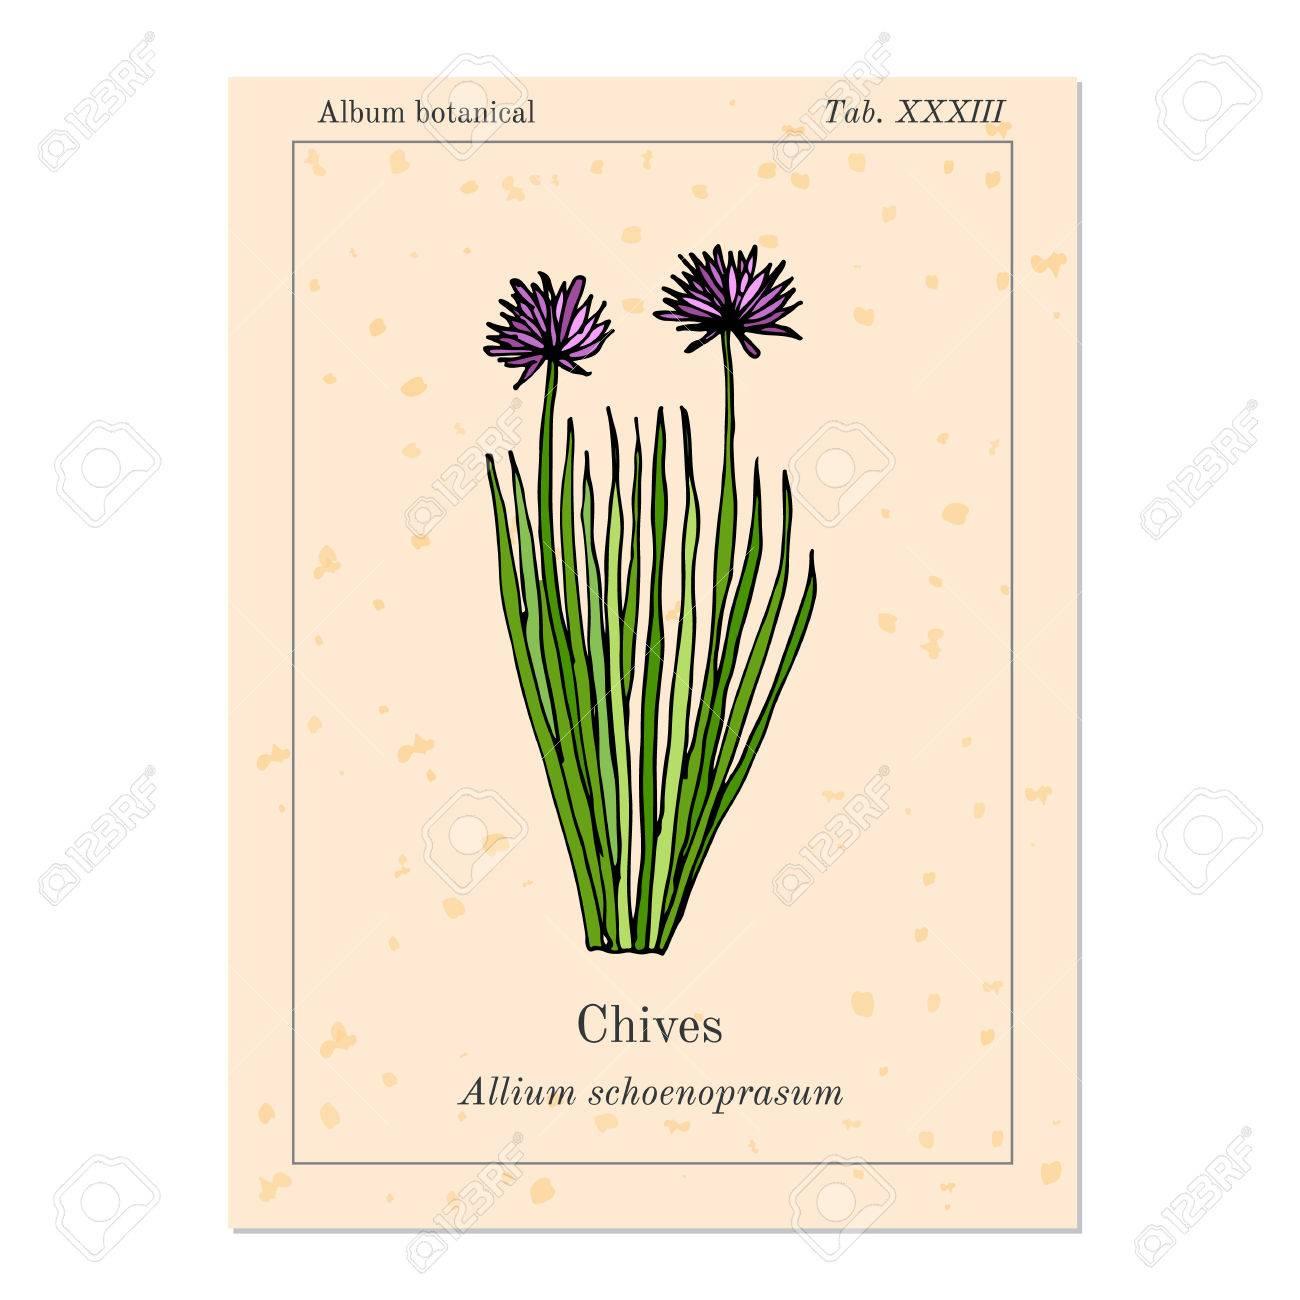 Ciboulette Aux Herbes Medicinales Et De Cuisine Page Du Livre Ancien Illustration Vectorielle